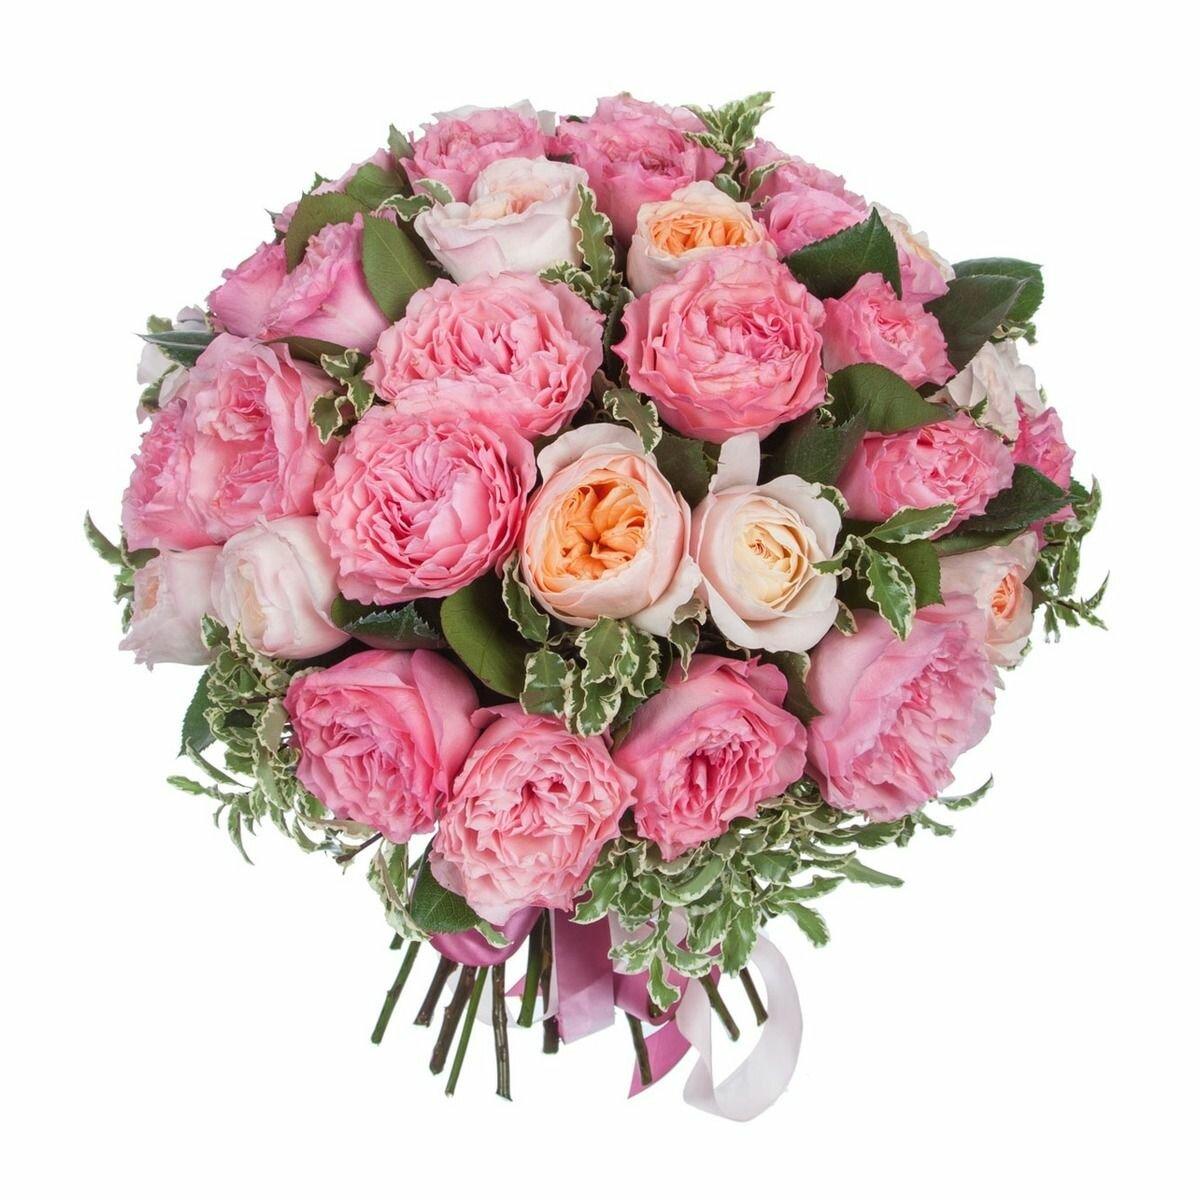 Заказать букет цветов с открыткой на дом